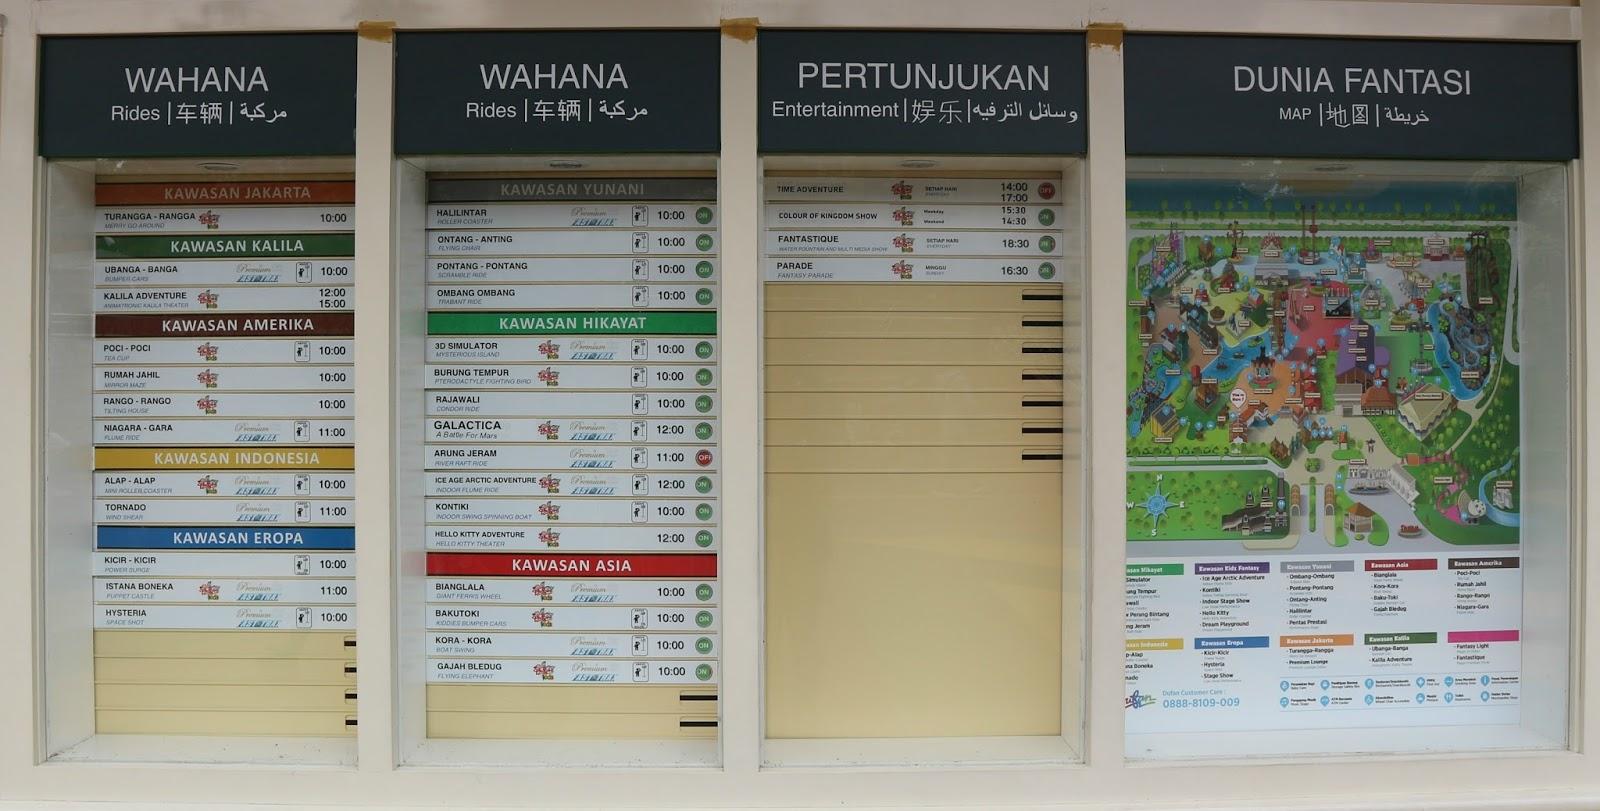 Map Peta Dufan